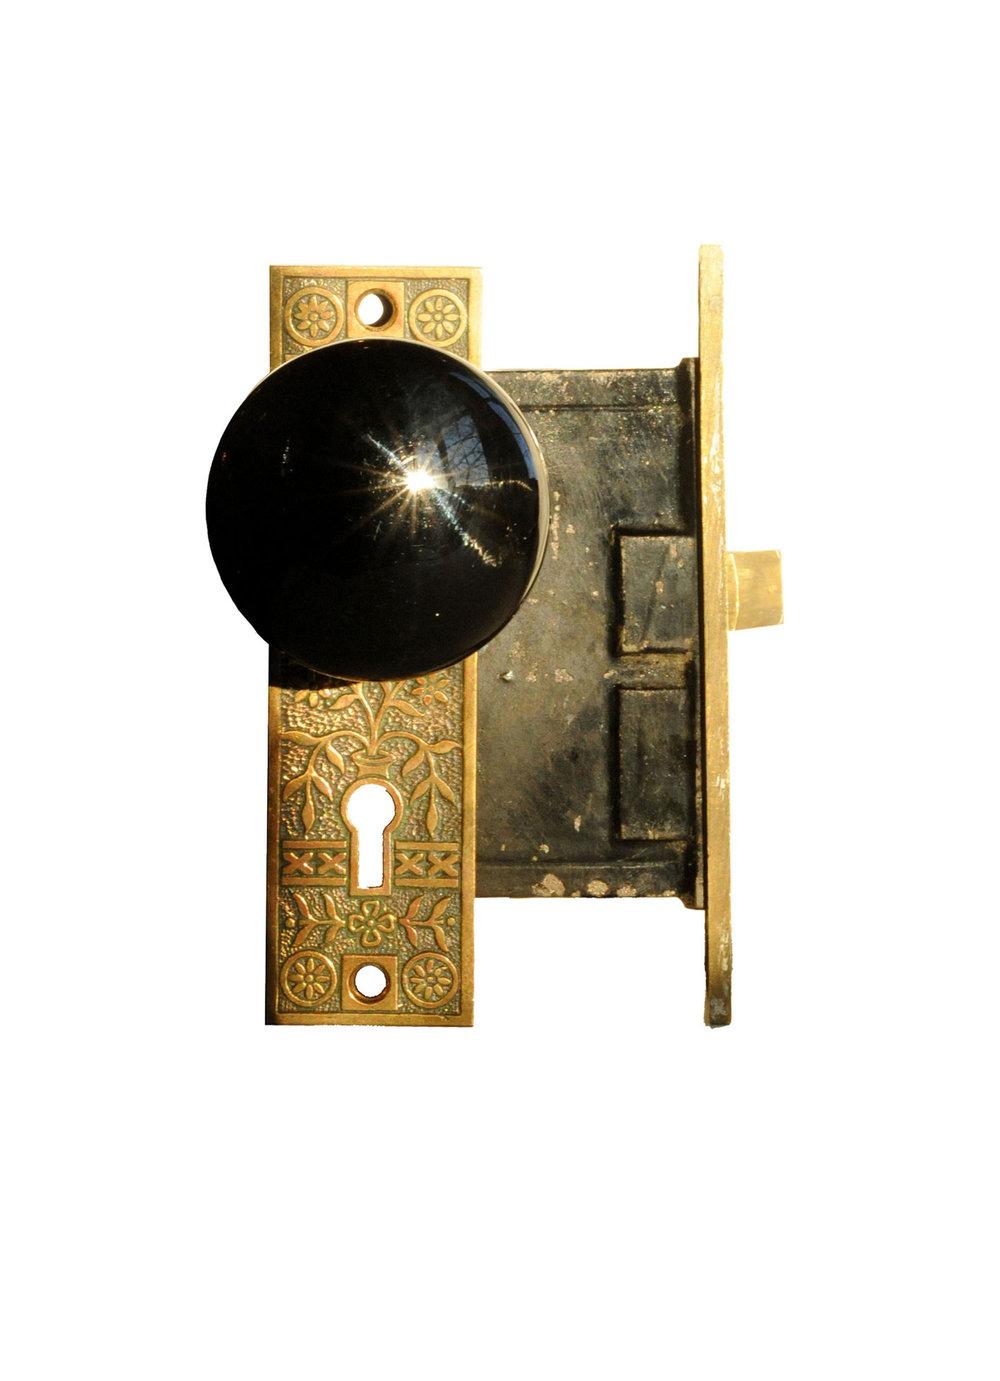 BLACK PORCELAIN AND CAST BRONZE EASTLAKE DOOR KNOB SET AA# H20097   1 set available $85.00 for set